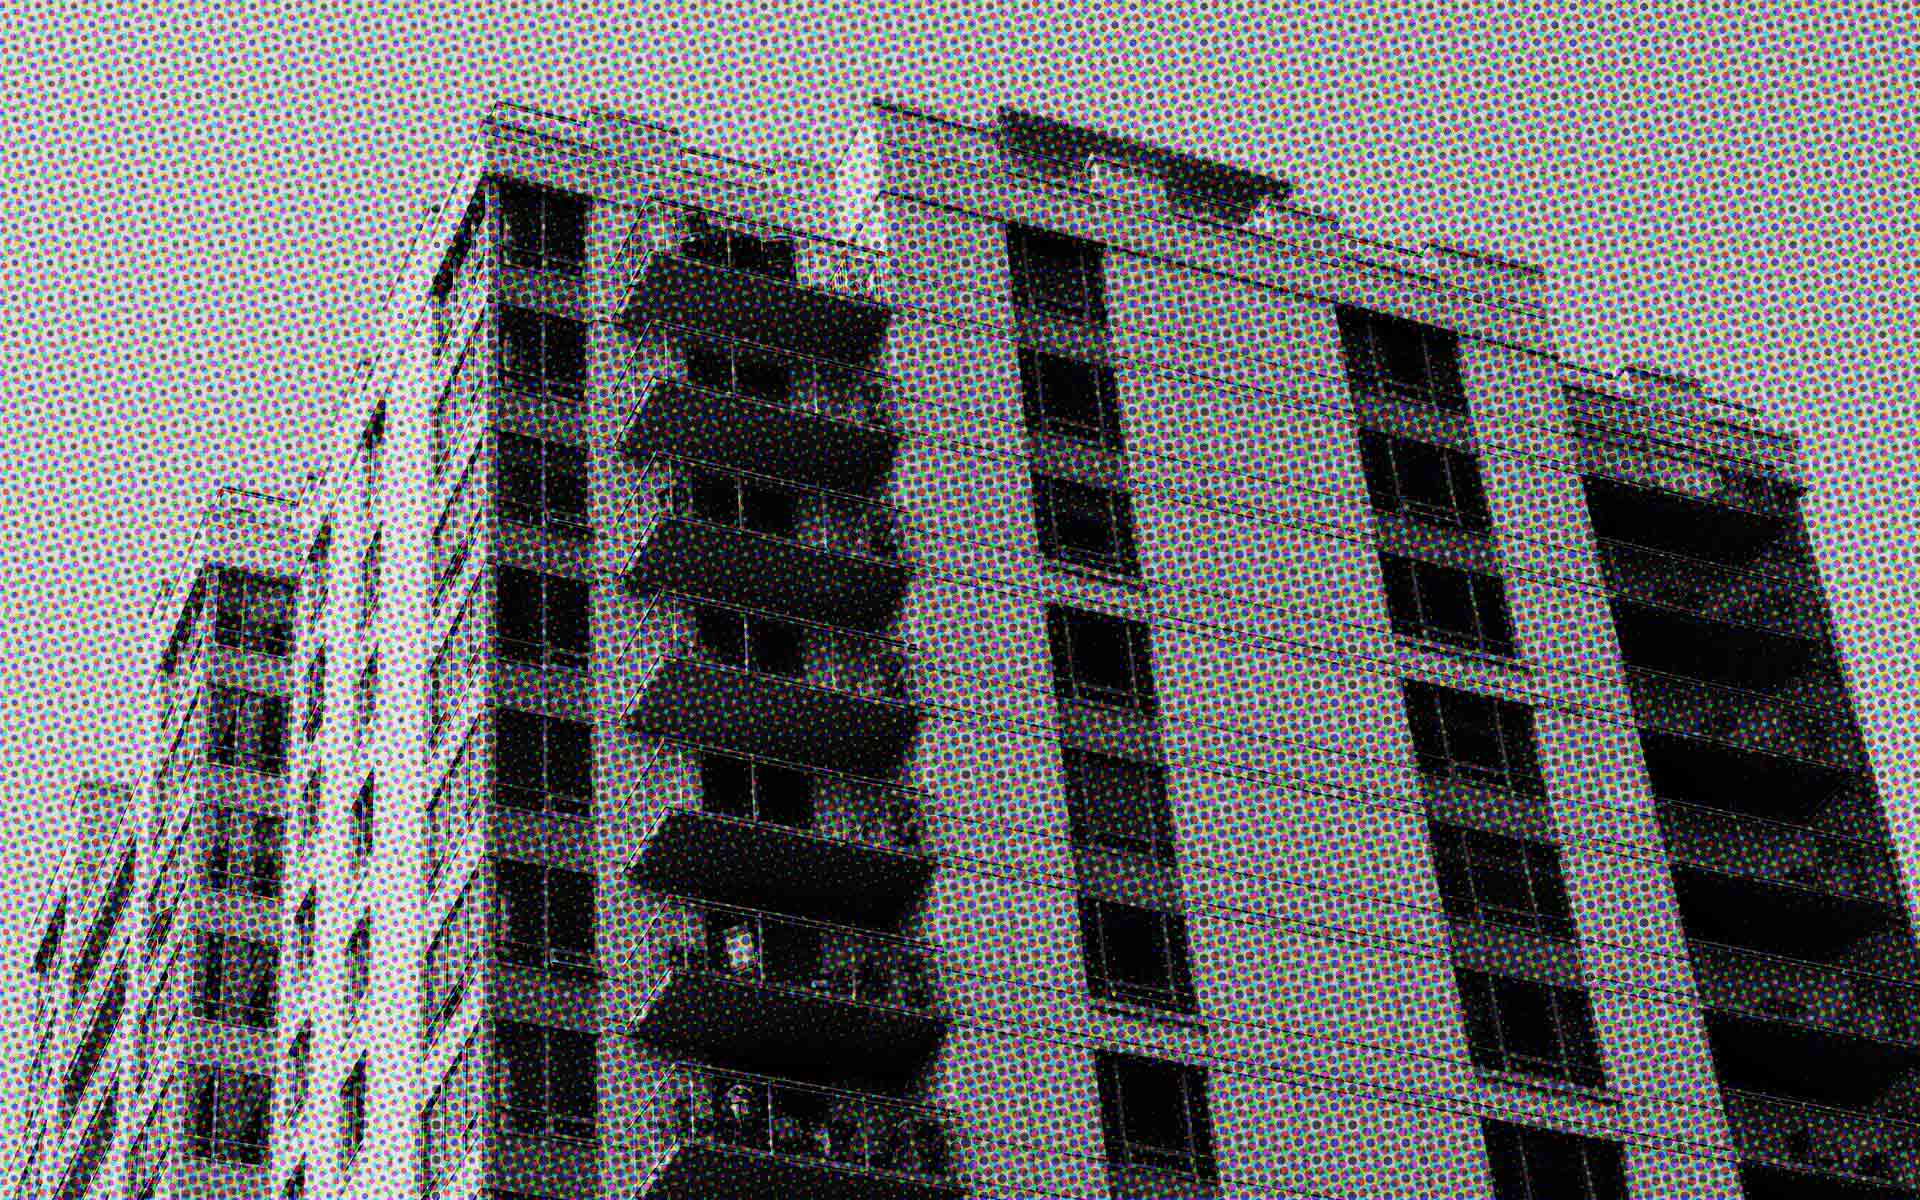 【シリーズ・都市伝説】死ぬはずのなかった事件「ロナルド・オーパス」